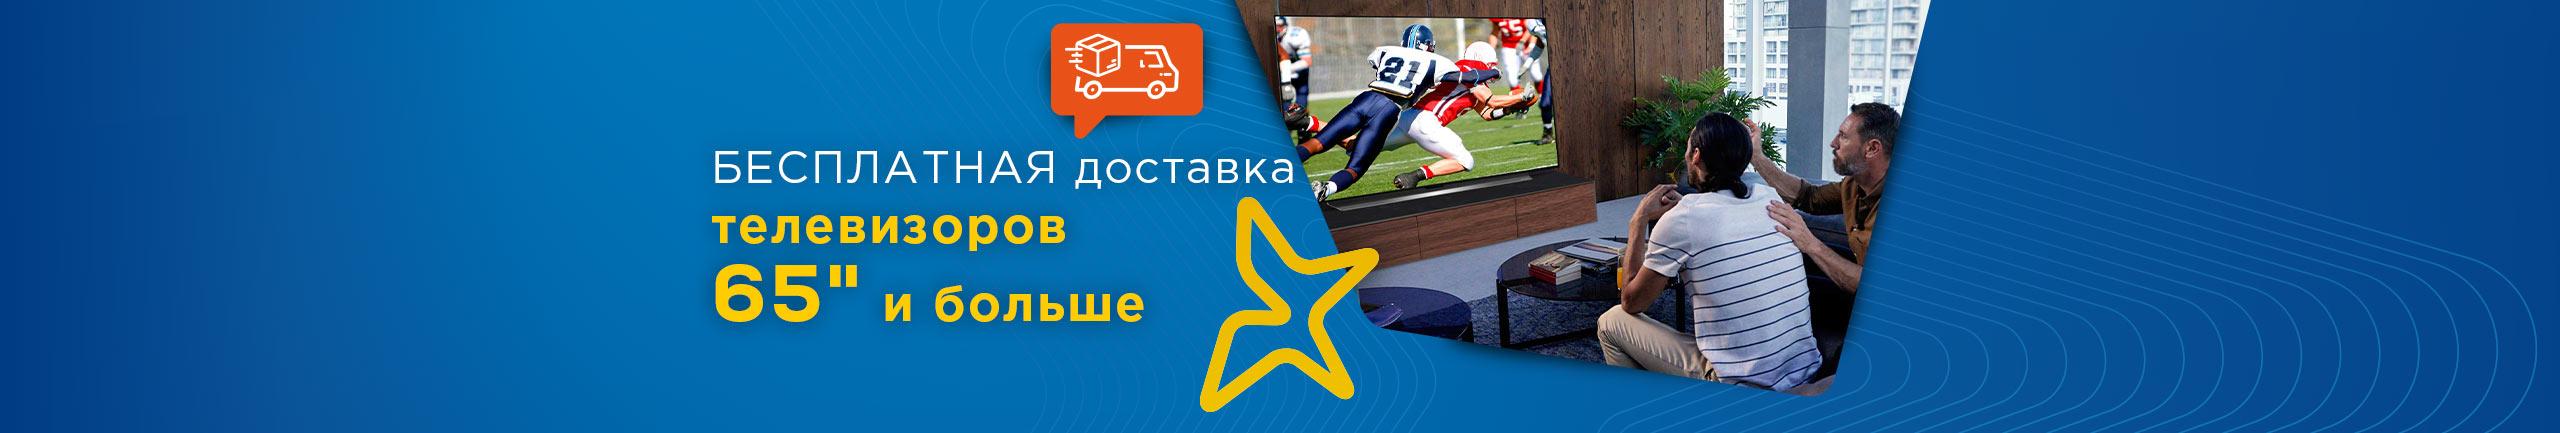 """БЕСПЛАТНАЯ доставка телевизоров 65"""" и больше"""